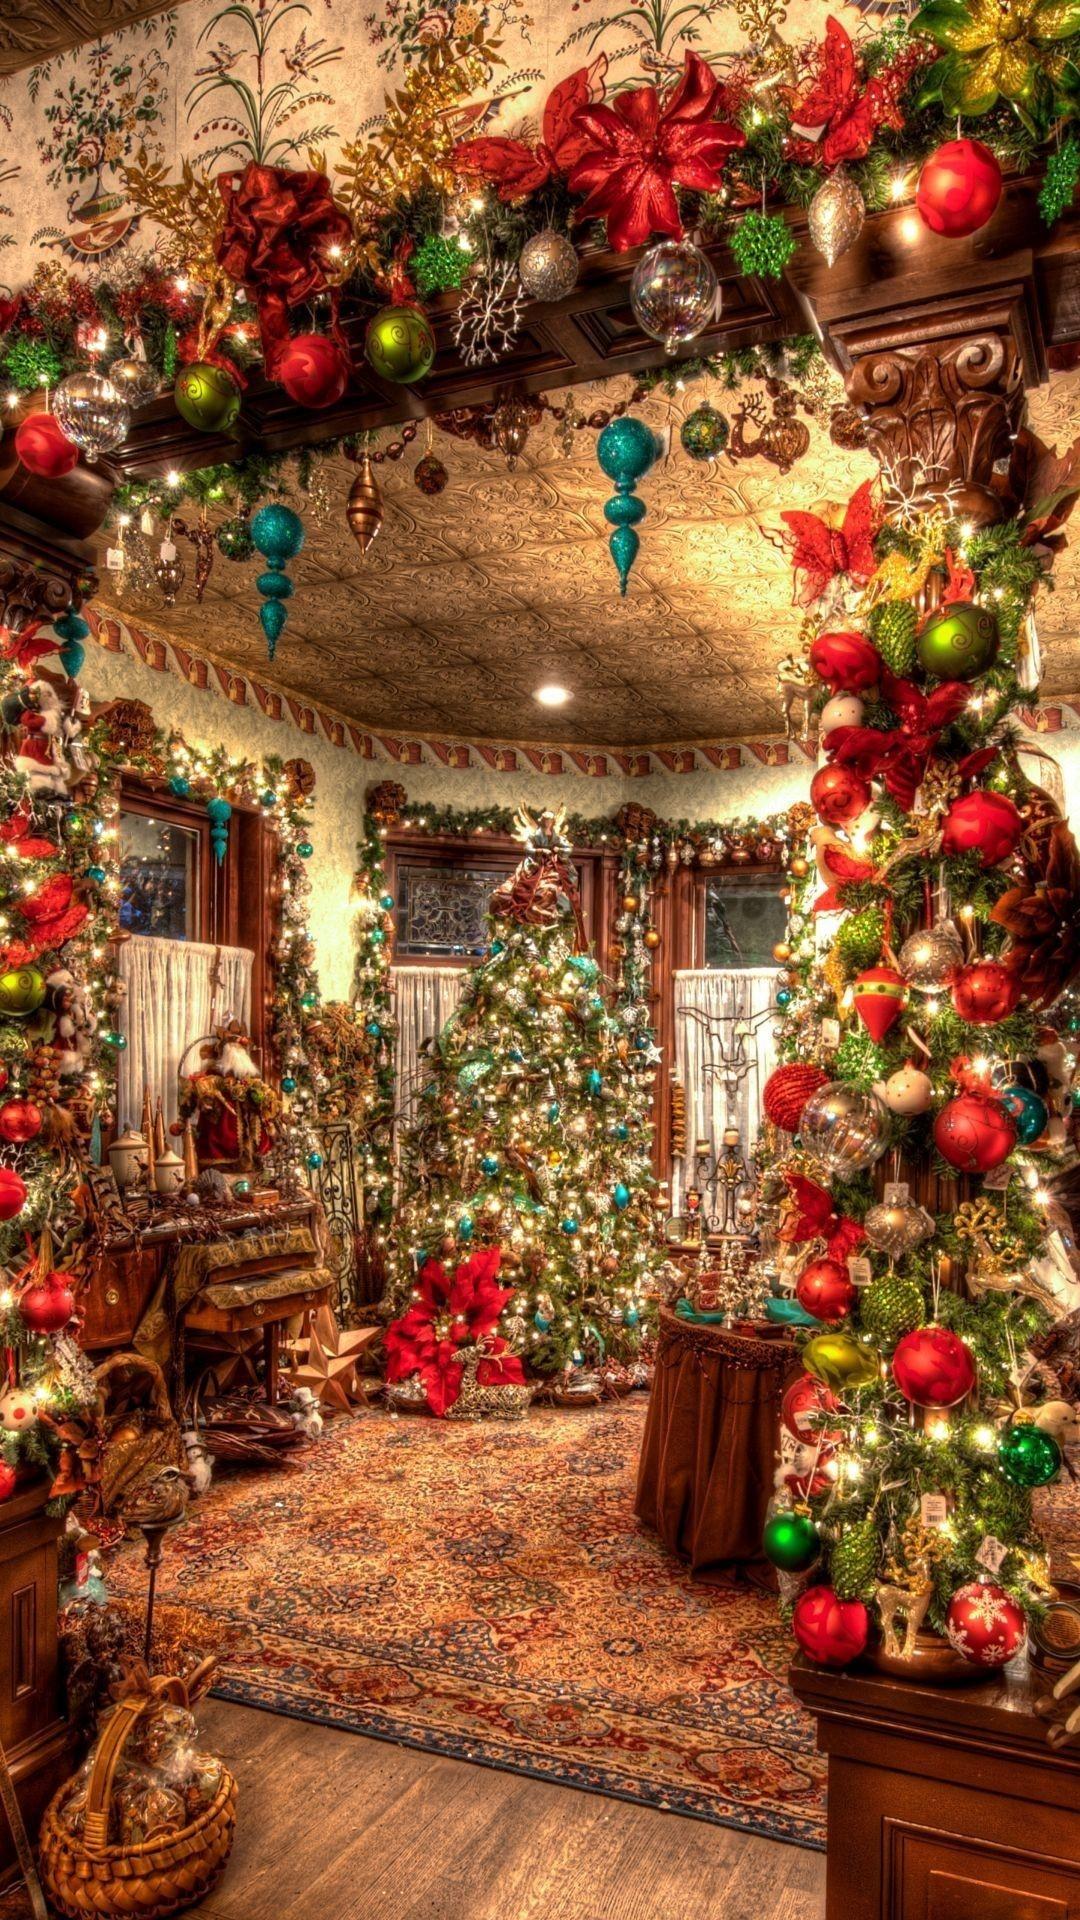 4K <b>Christmas Wallpaper</b> – WallpaperSafari